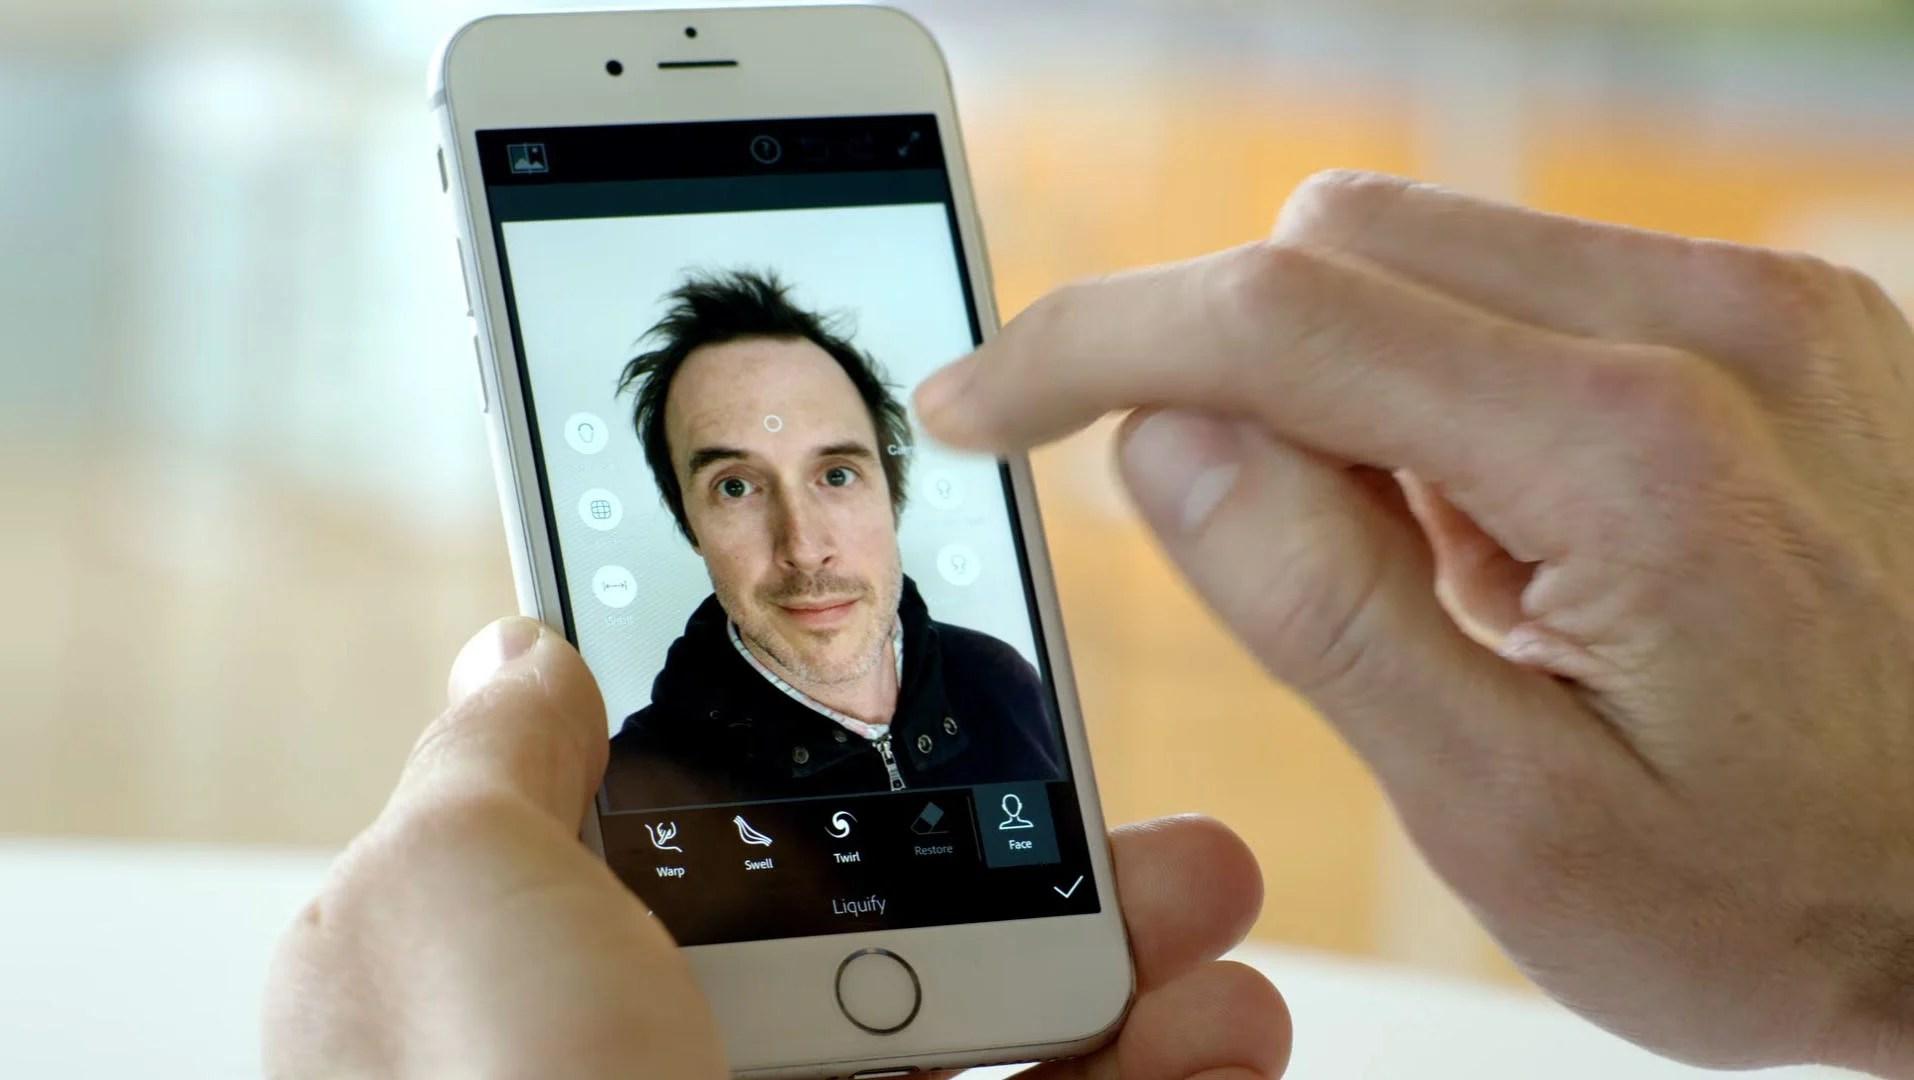 Adobe veut casser le selfie-game avec des retouches faciles et puissantes